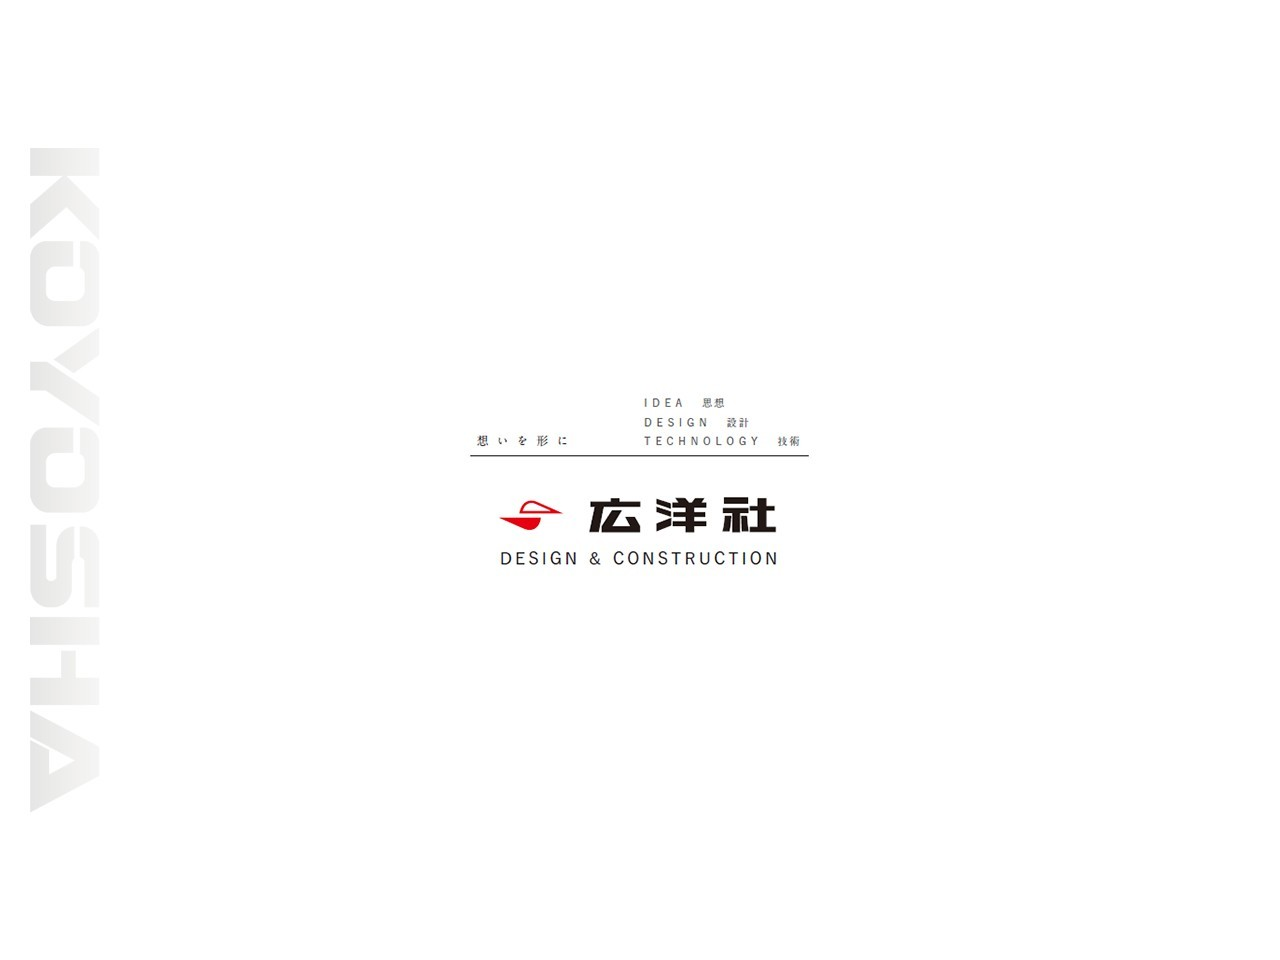 株式会社広洋社